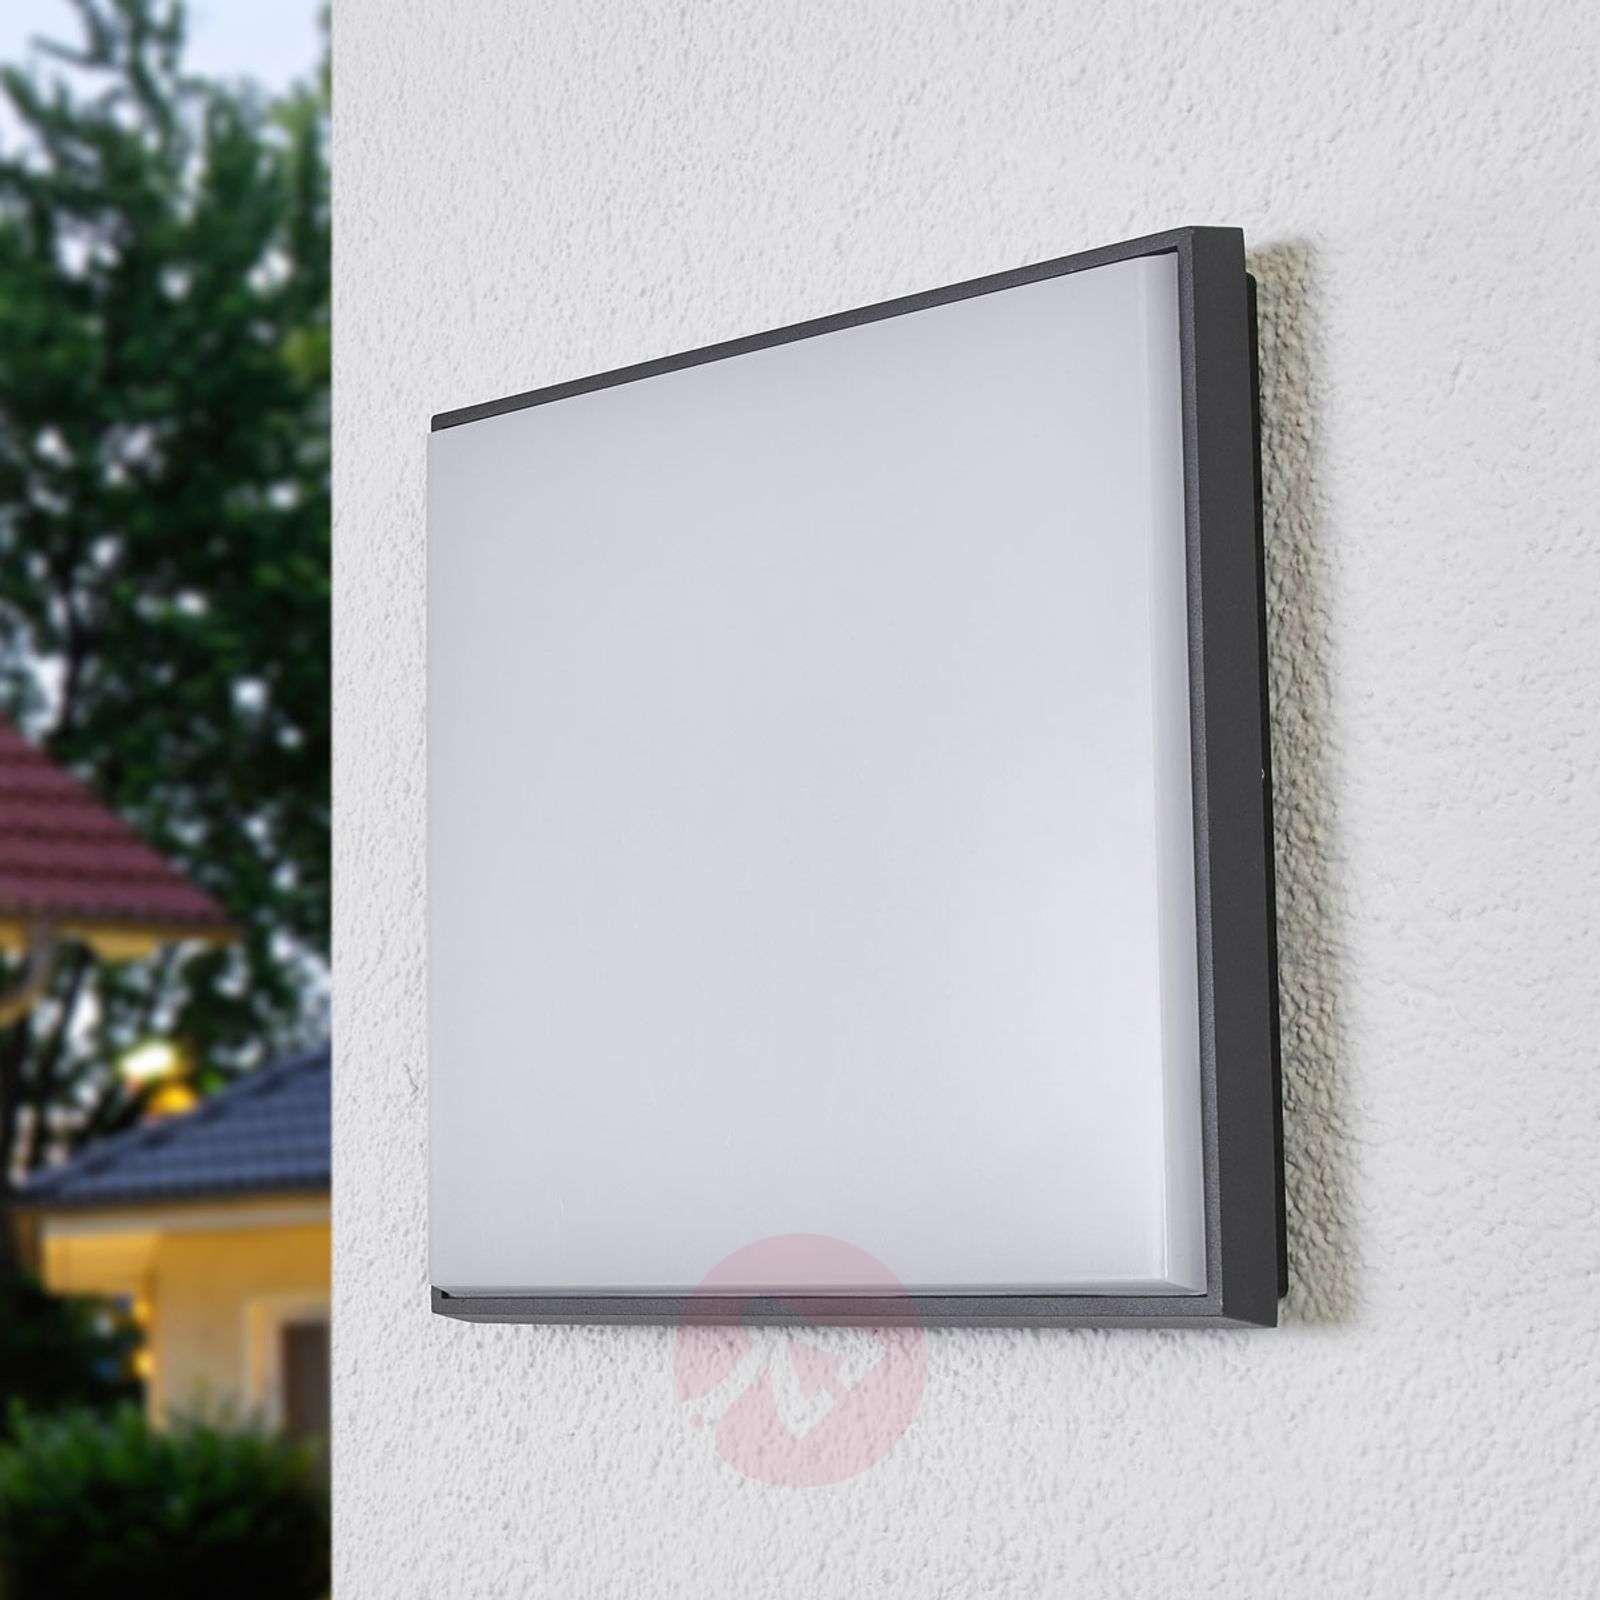 Amra subtle outdoor LED ceiling light-9969070-01